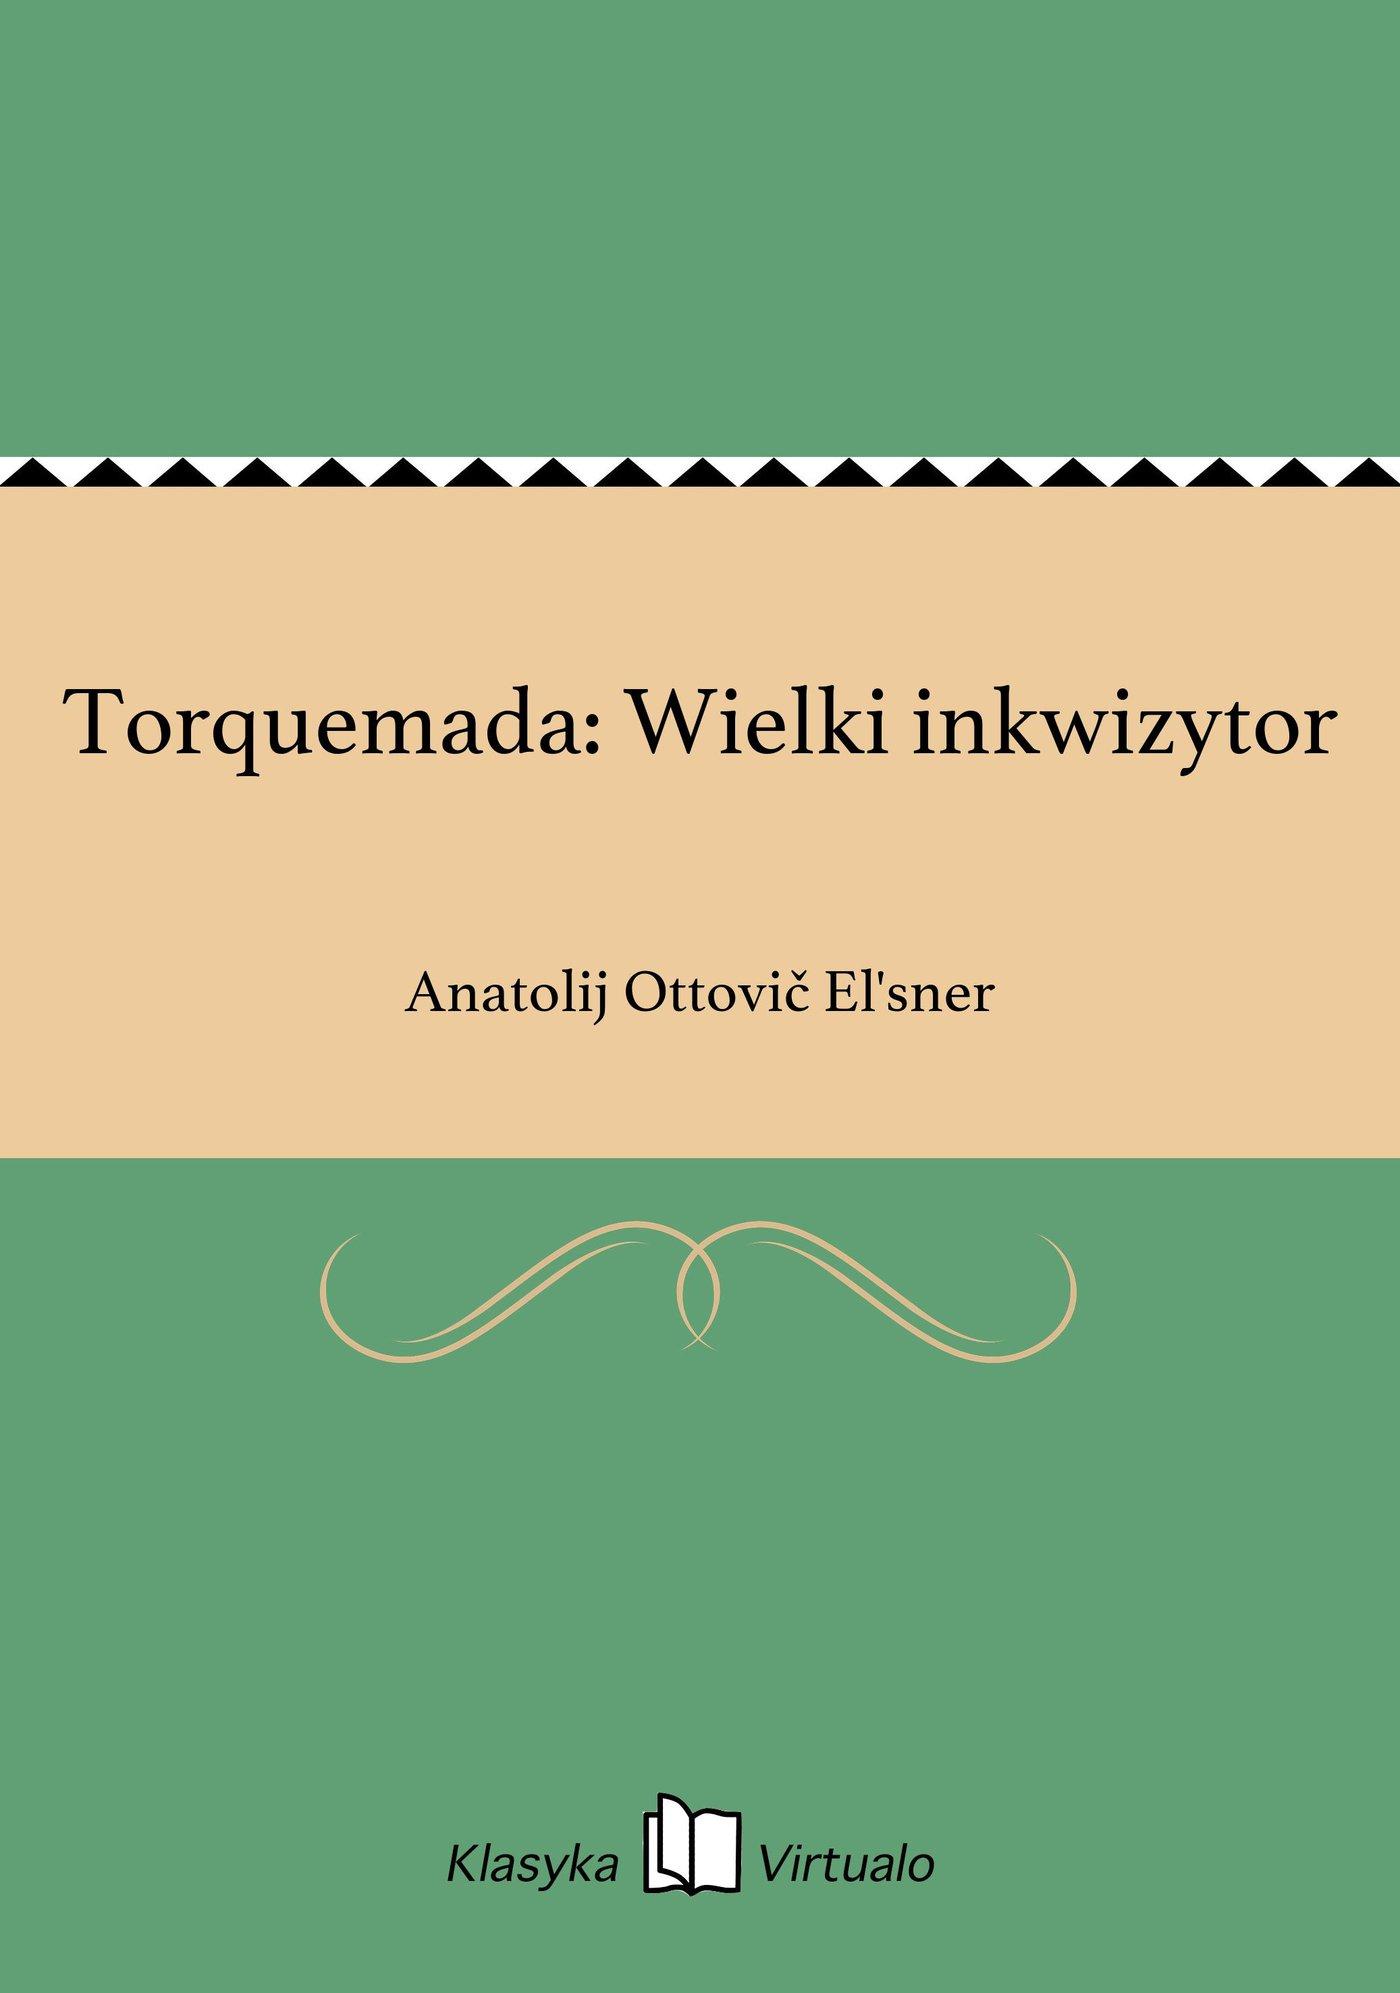 Torquemada: Wielki inkwizytor - Ebook (Książka EPUB) do pobrania w formacie EPUB